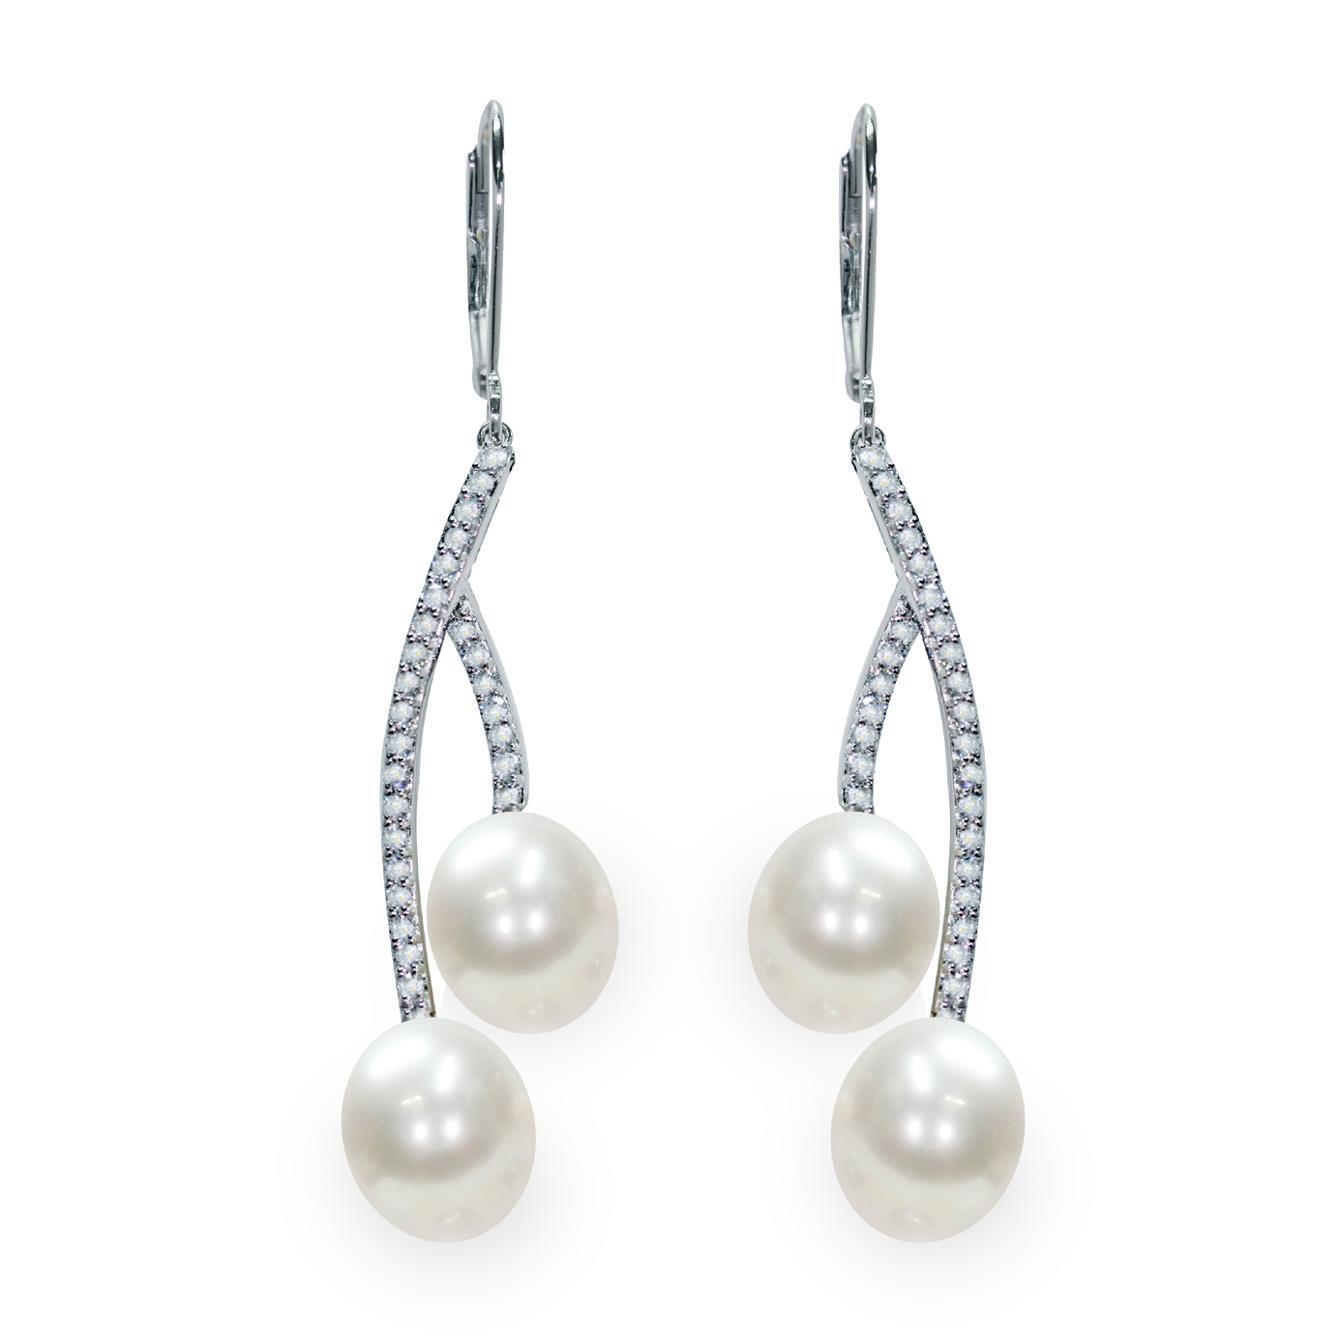 Orecchini pendenti con perle - MAYUMI